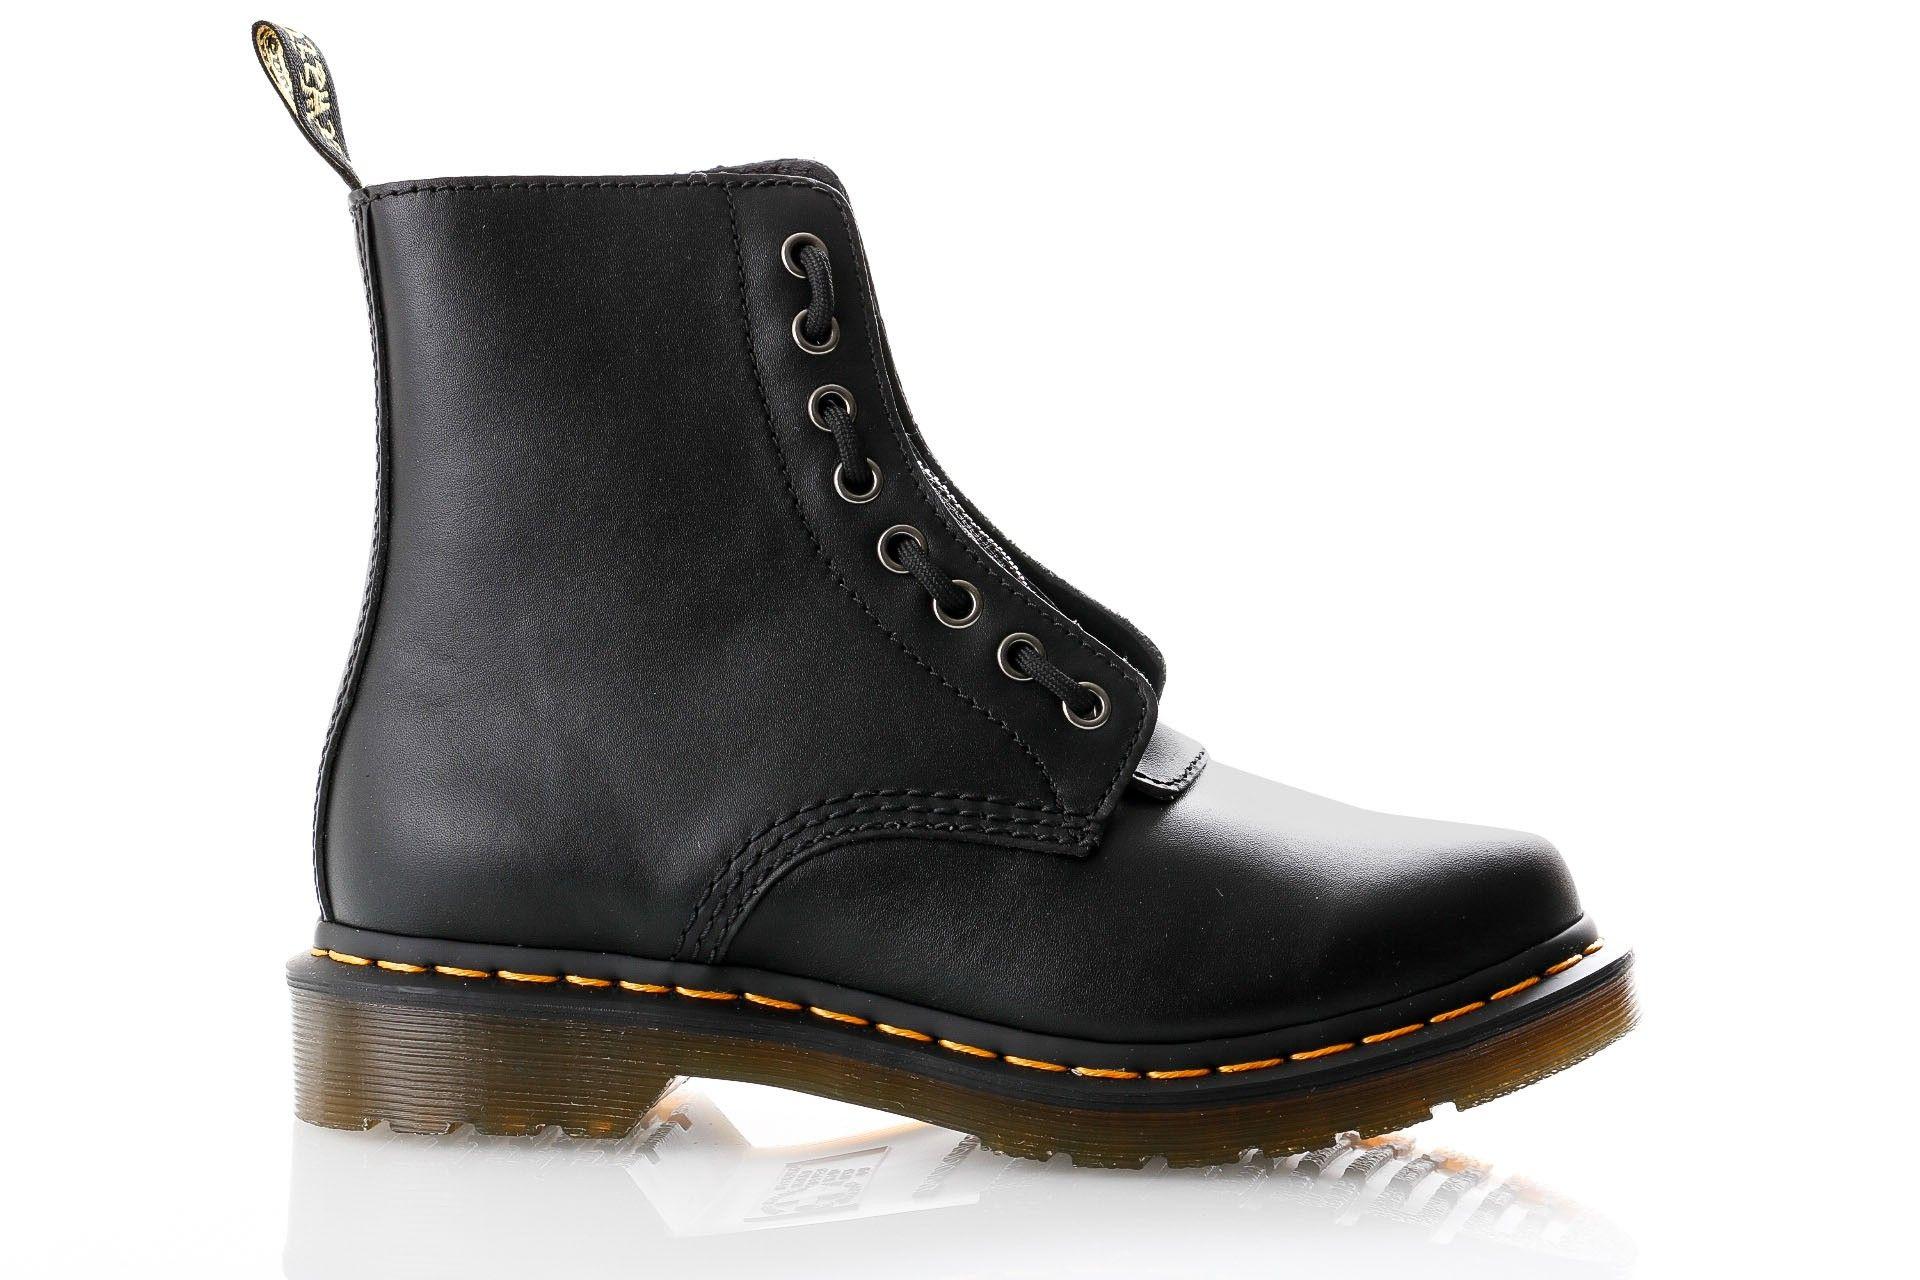 Afbeelding van Dr. Martens Boots 1460 Pascal Frnt Zip Black Nappa 23863001